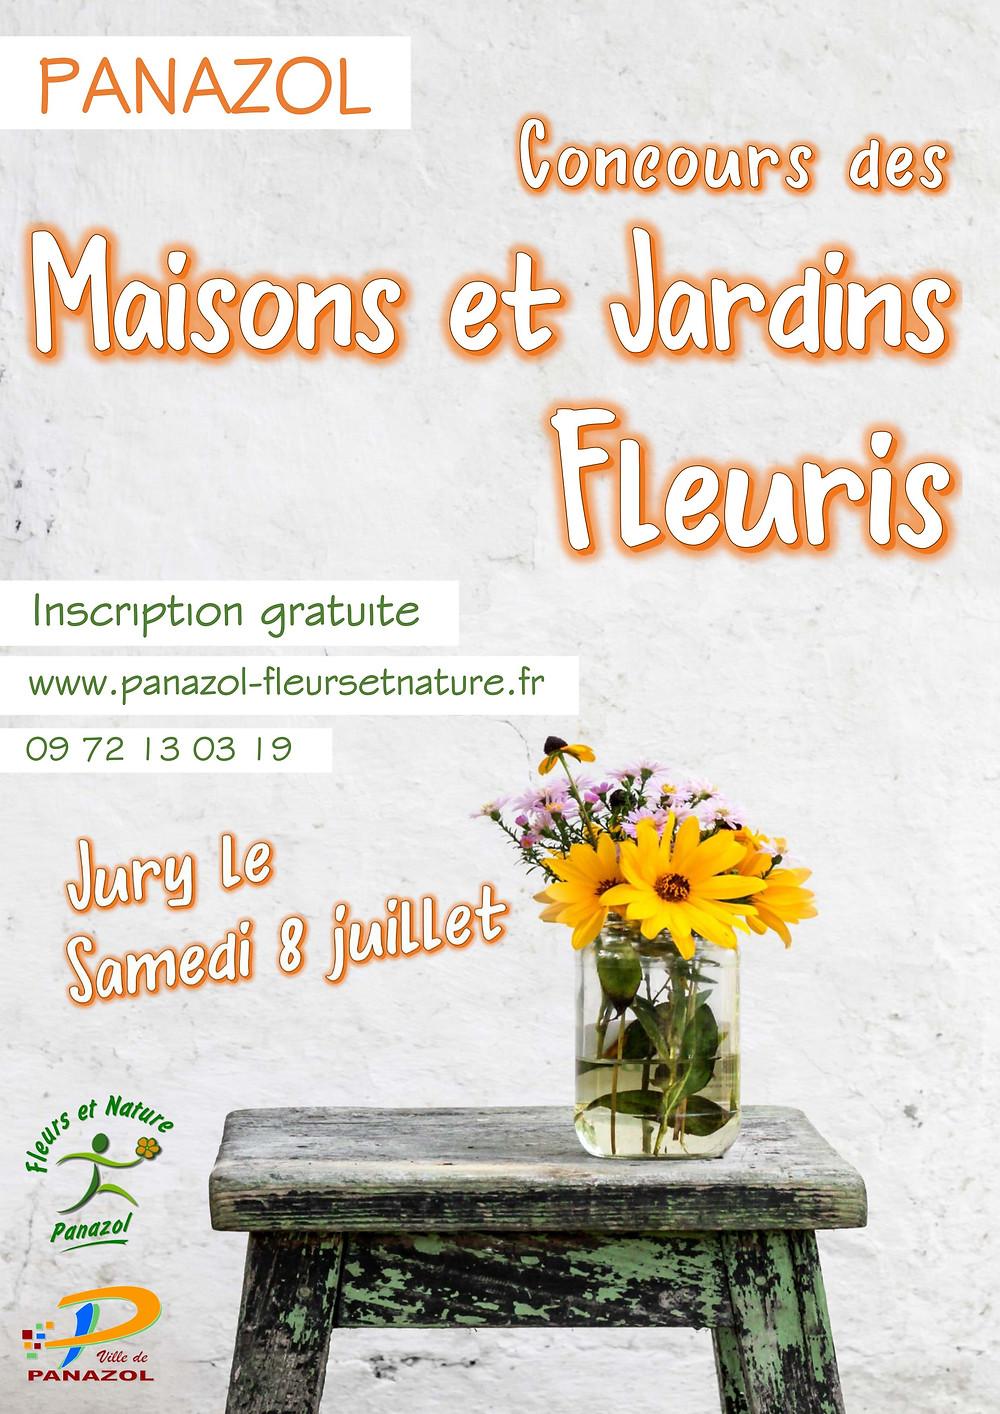 Concours des Maisons Fleuries 2017 : n'hésitez pas à partager votre passion des fleurs et du jardinage. L'inscription est gratuite.